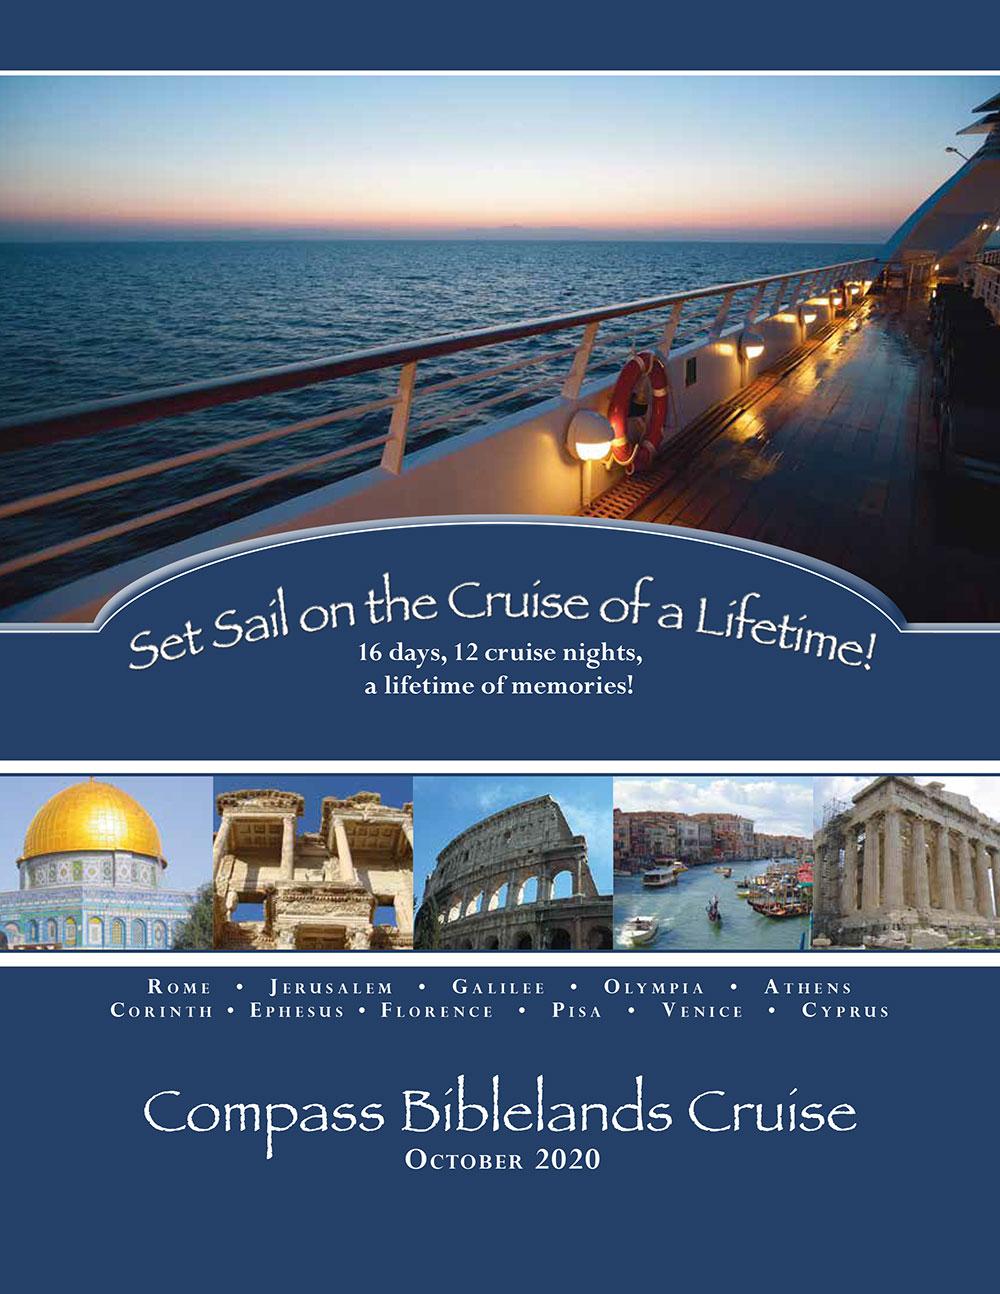 Compass Biblelands Cruise 2020 Brochure